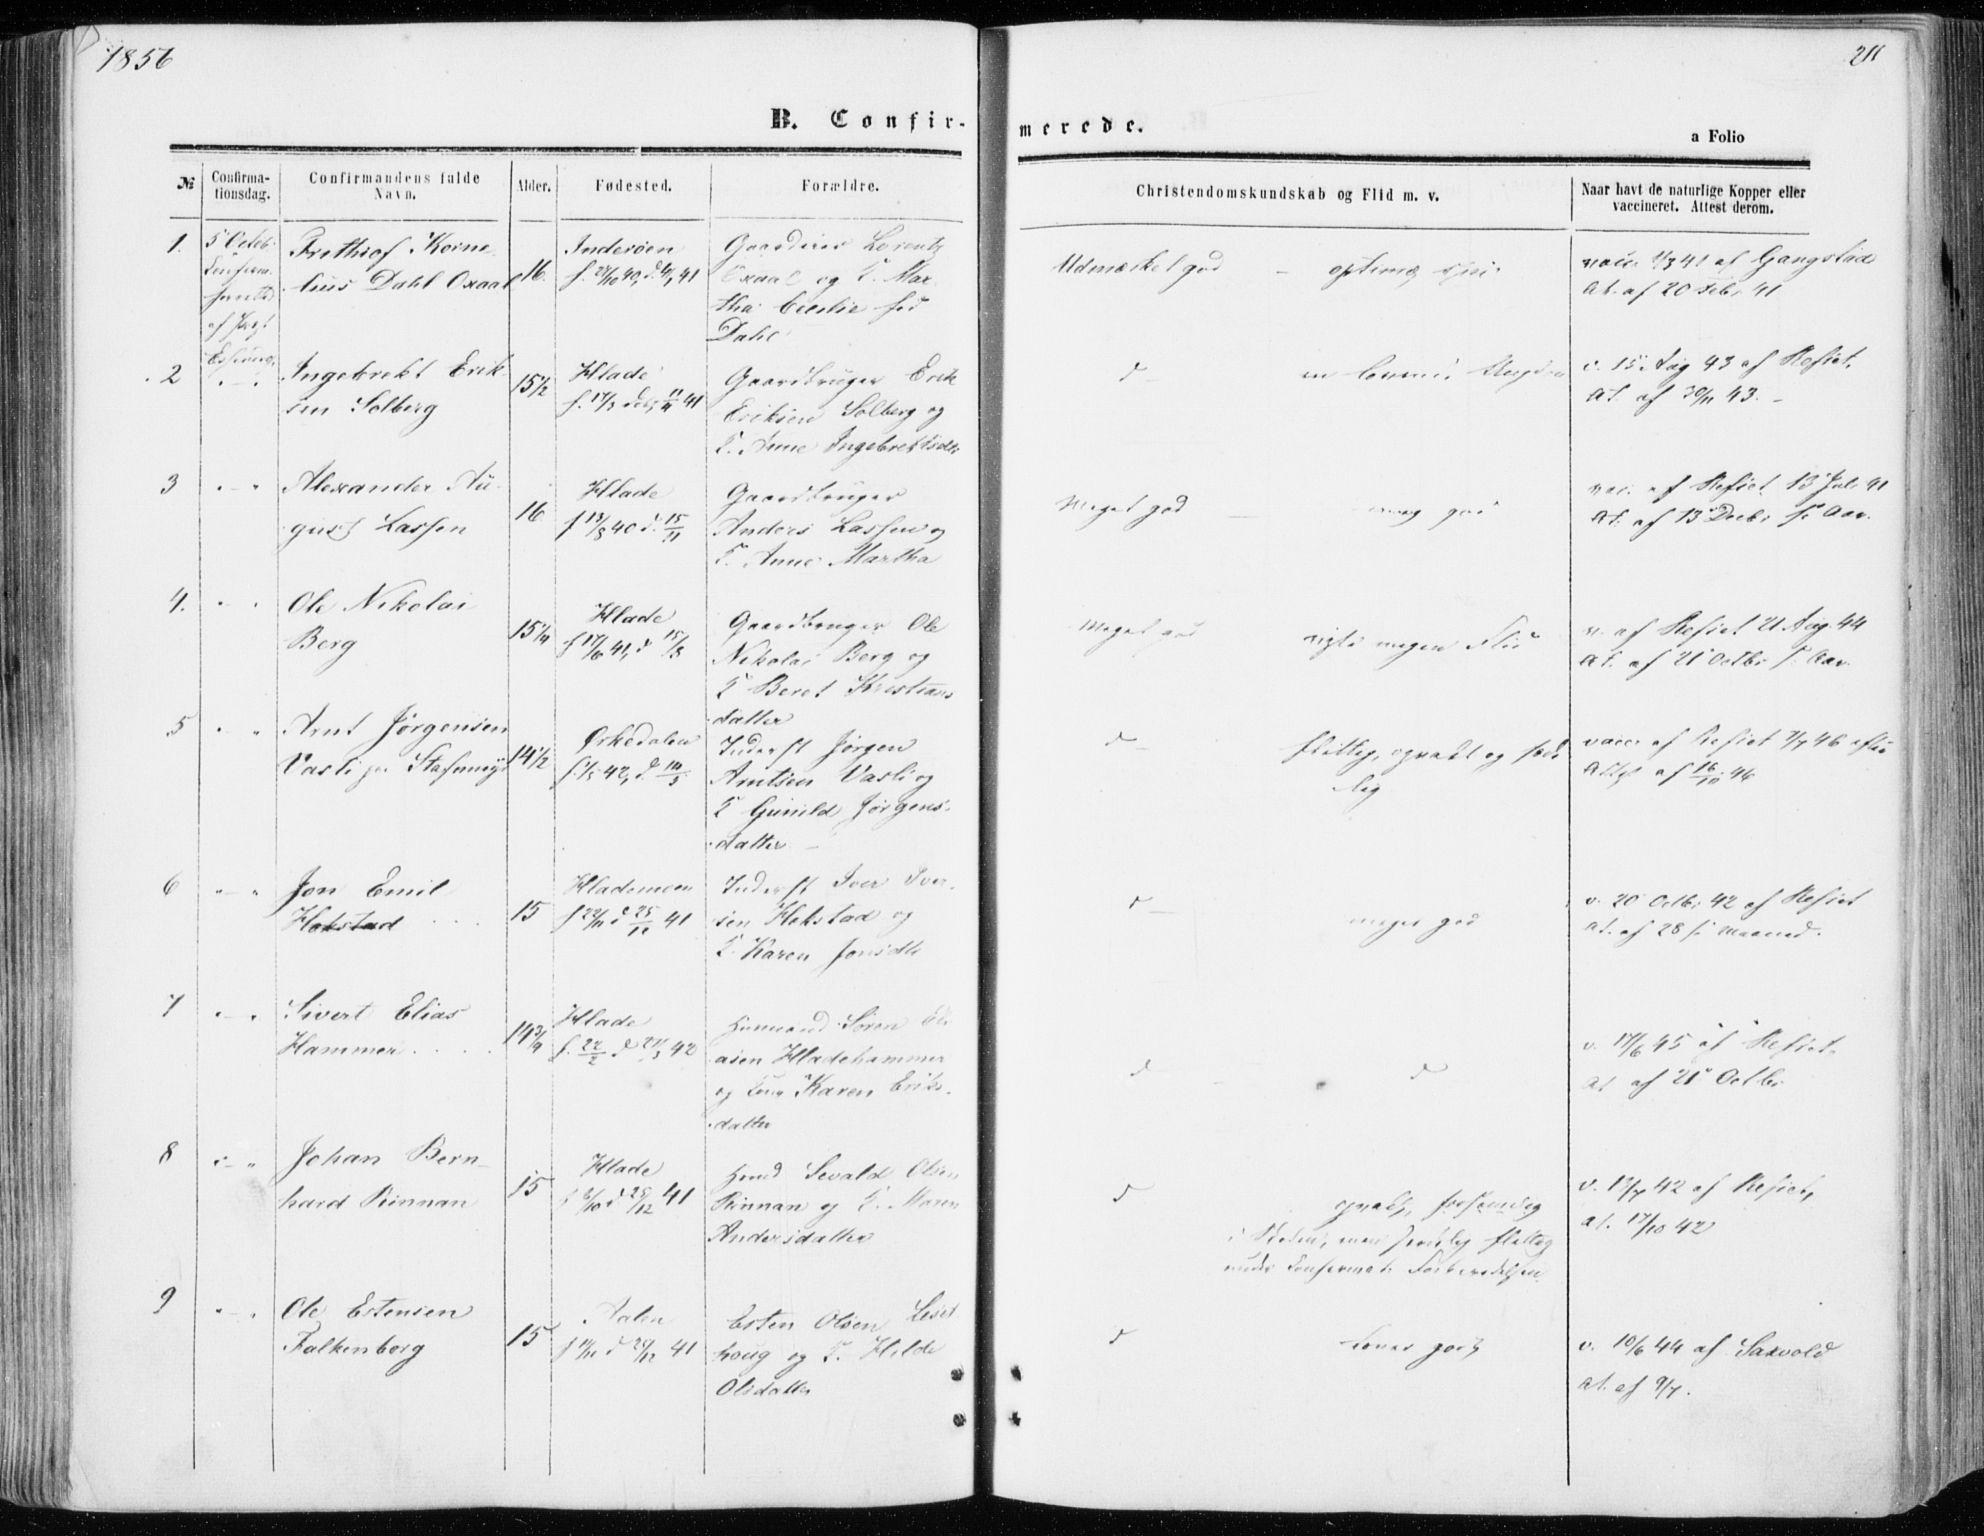 SAT, Ministerialprotokoller, klokkerbøker og fødselsregistre - Sør-Trøndelag, 606/L0292: Ministerialbok nr. 606A07, 1856-1865, s. 211